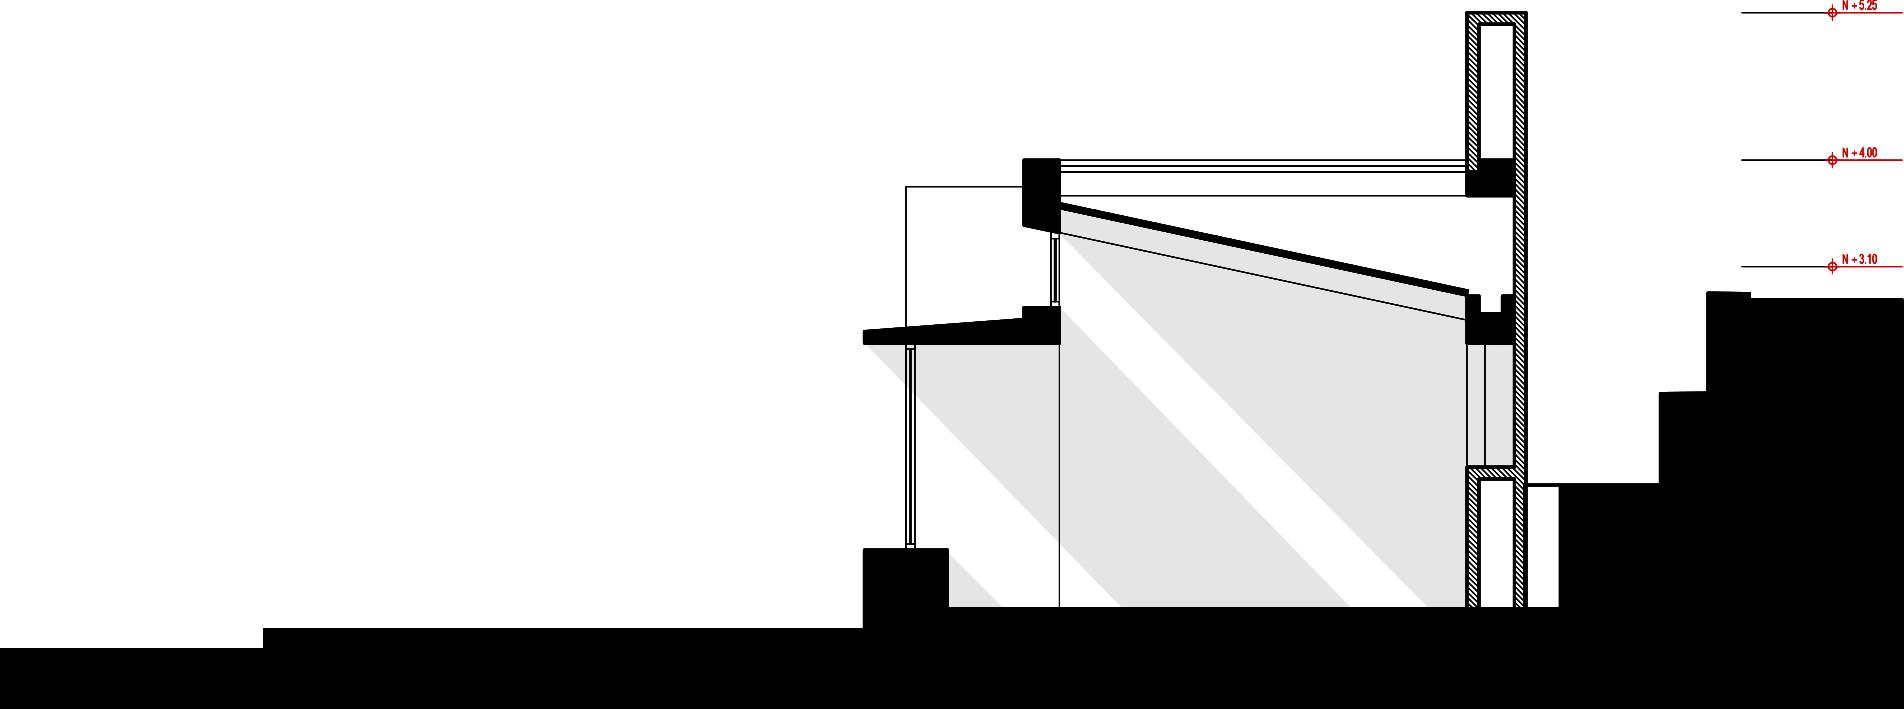 rg-seccion transversal.jpg